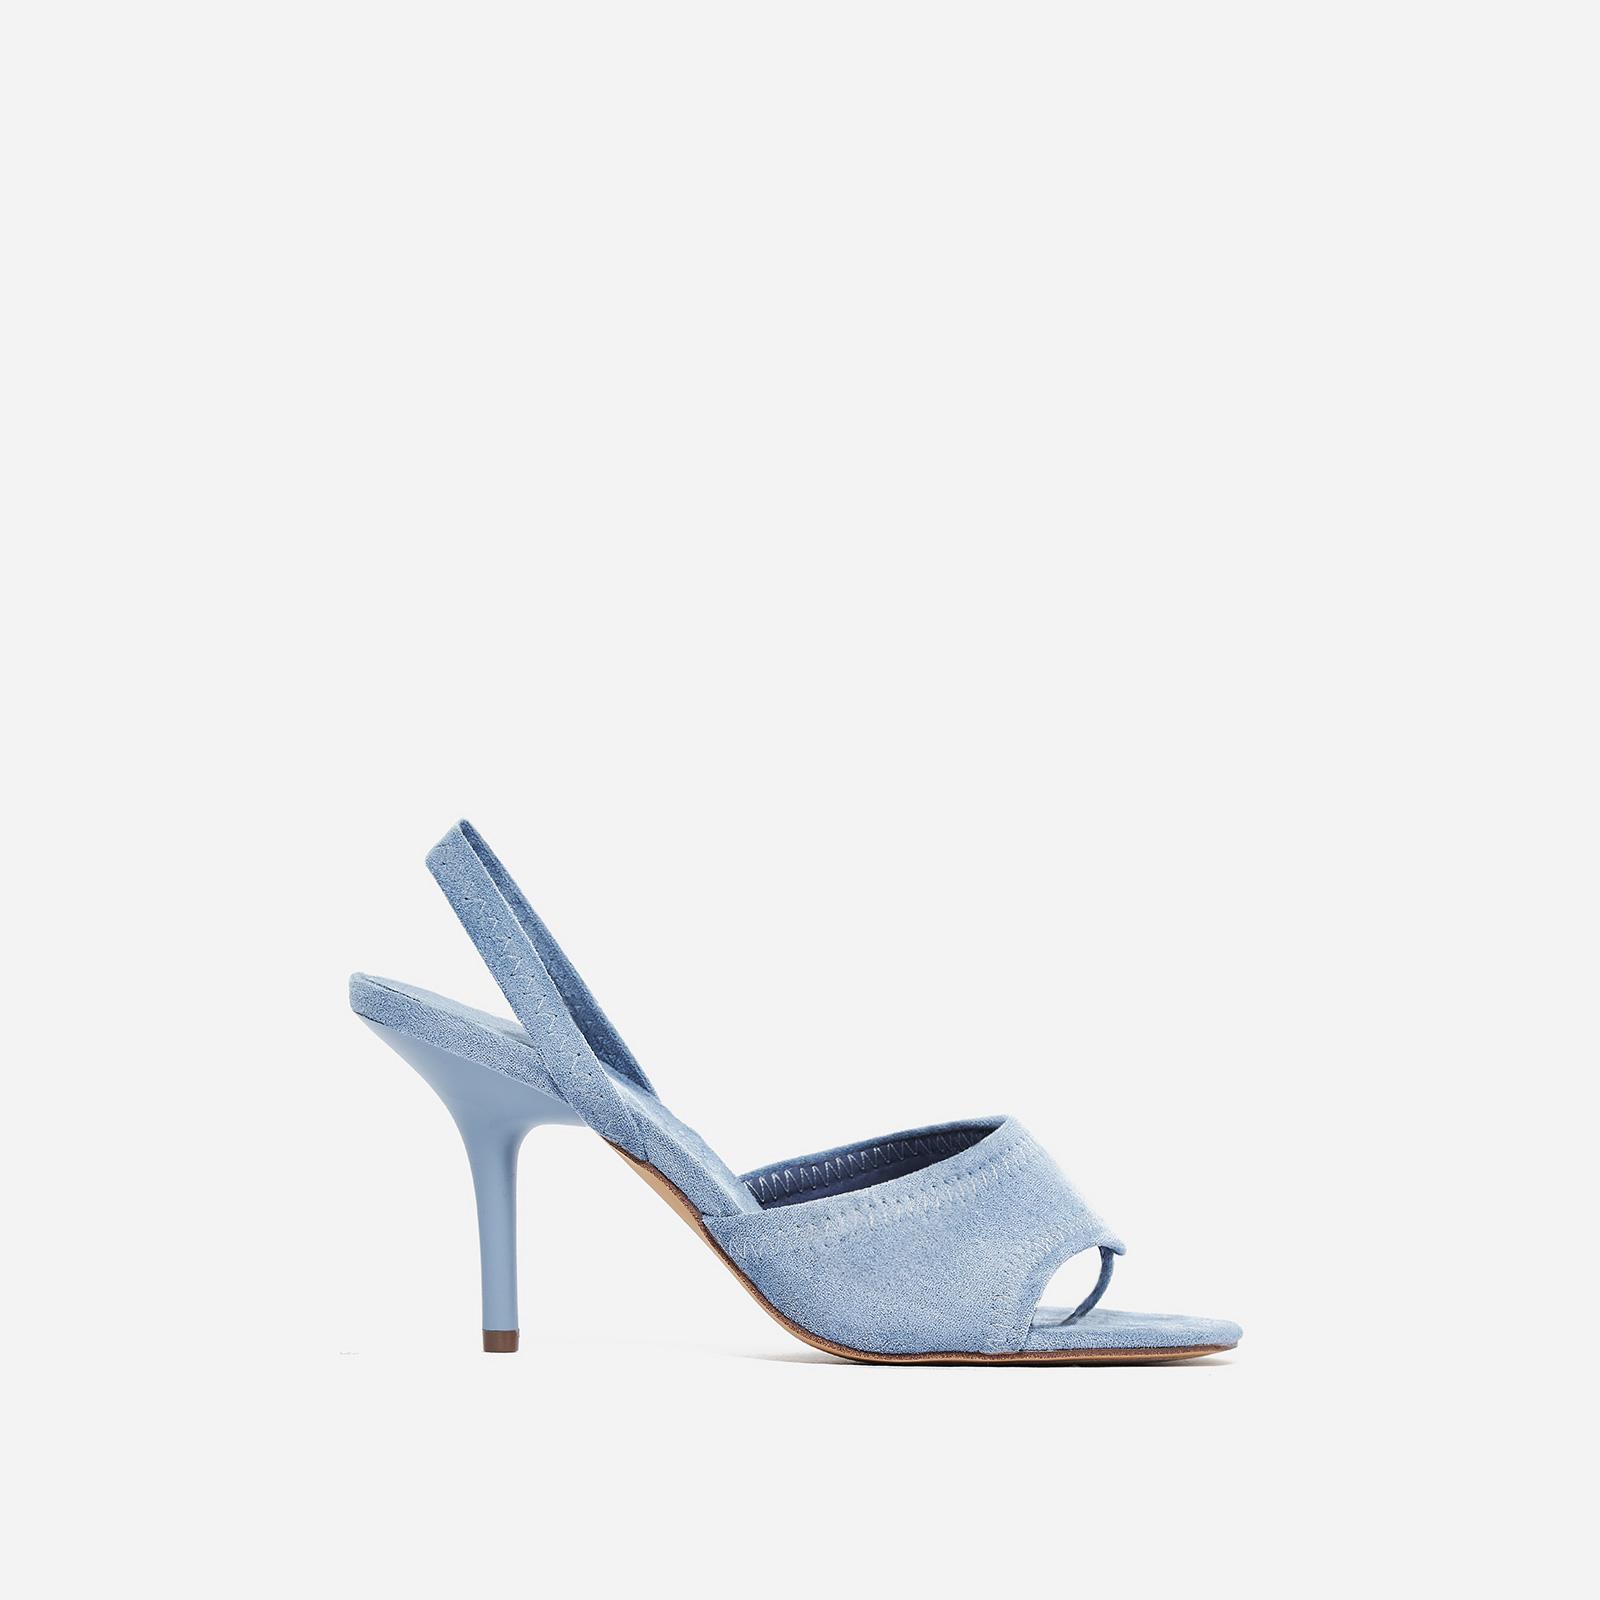 Fierce Peep Toe Mule In Blue Faux Suede